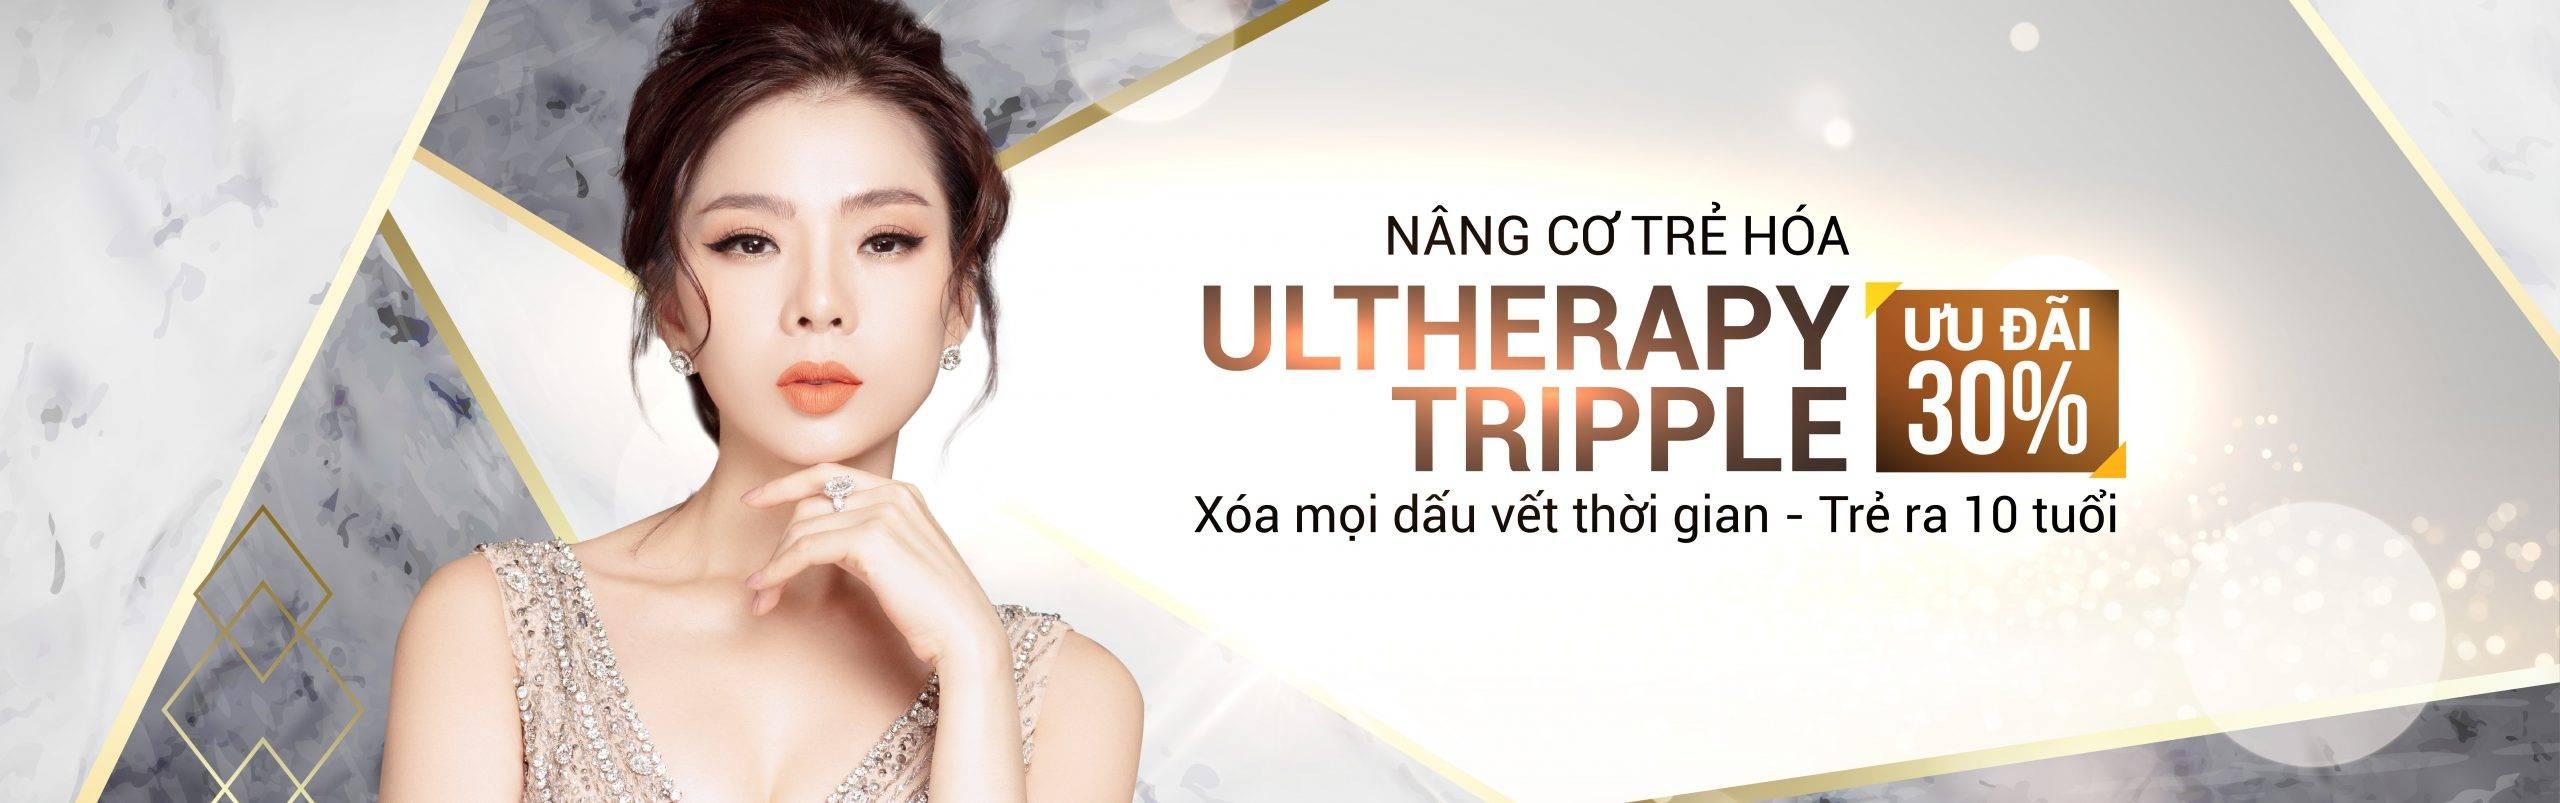 sieu-nang-co-tre-hoa-ultherapy-tripple-banner